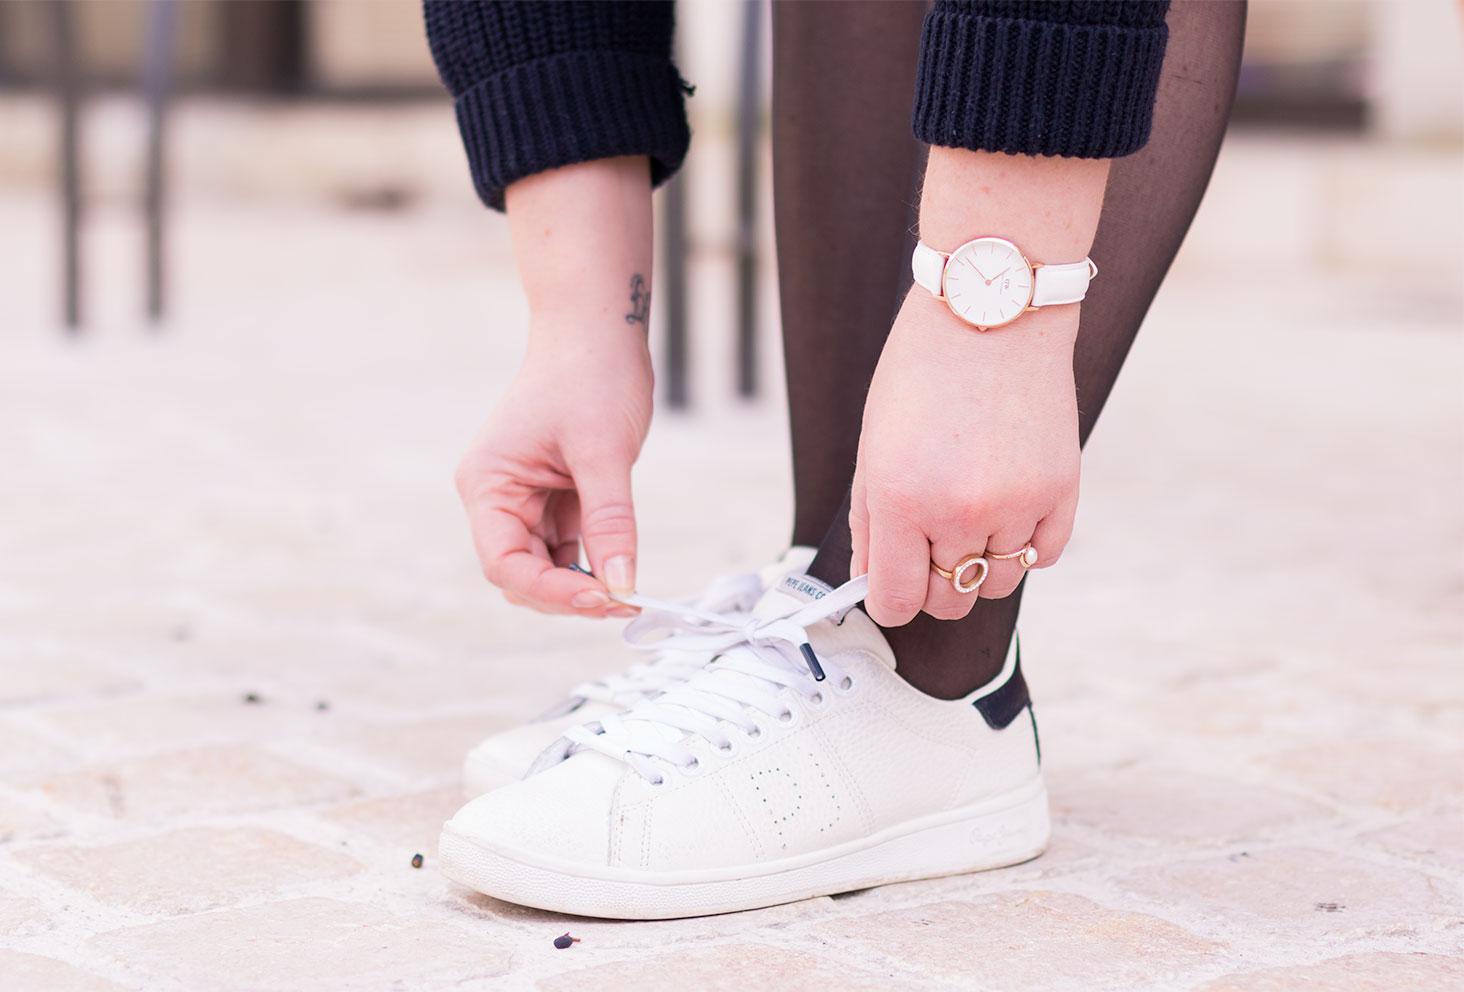 La montre Classic Petite Bondi portée entrain de faire les lacets des baskets blanches Pépé Jeans dans la rue